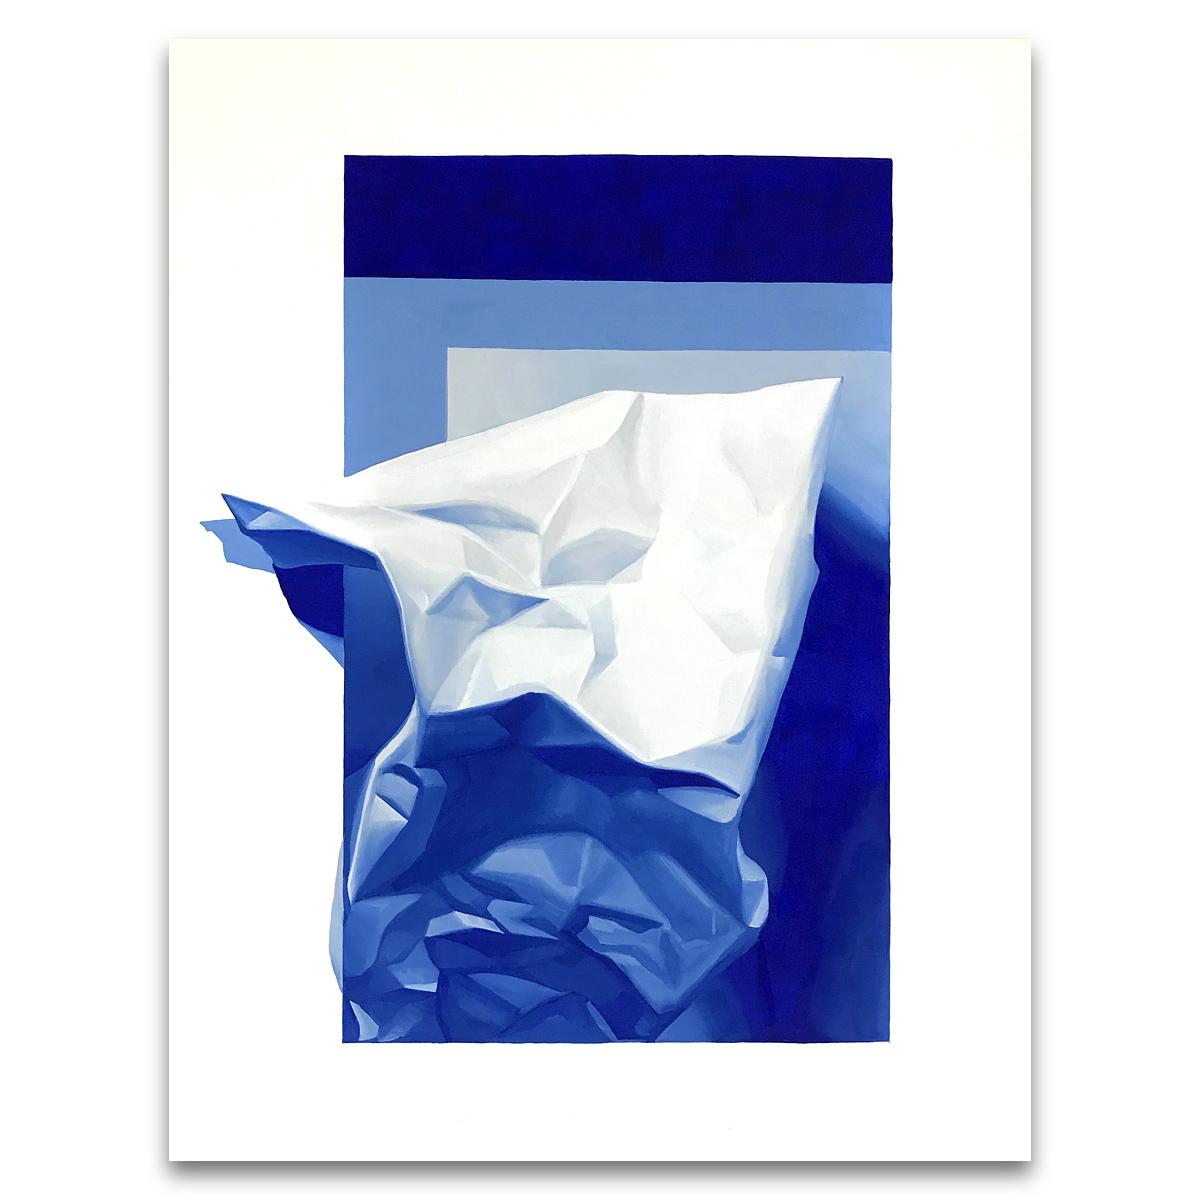 Sckaro-Ultramarine-Blue-Golden-Galerie